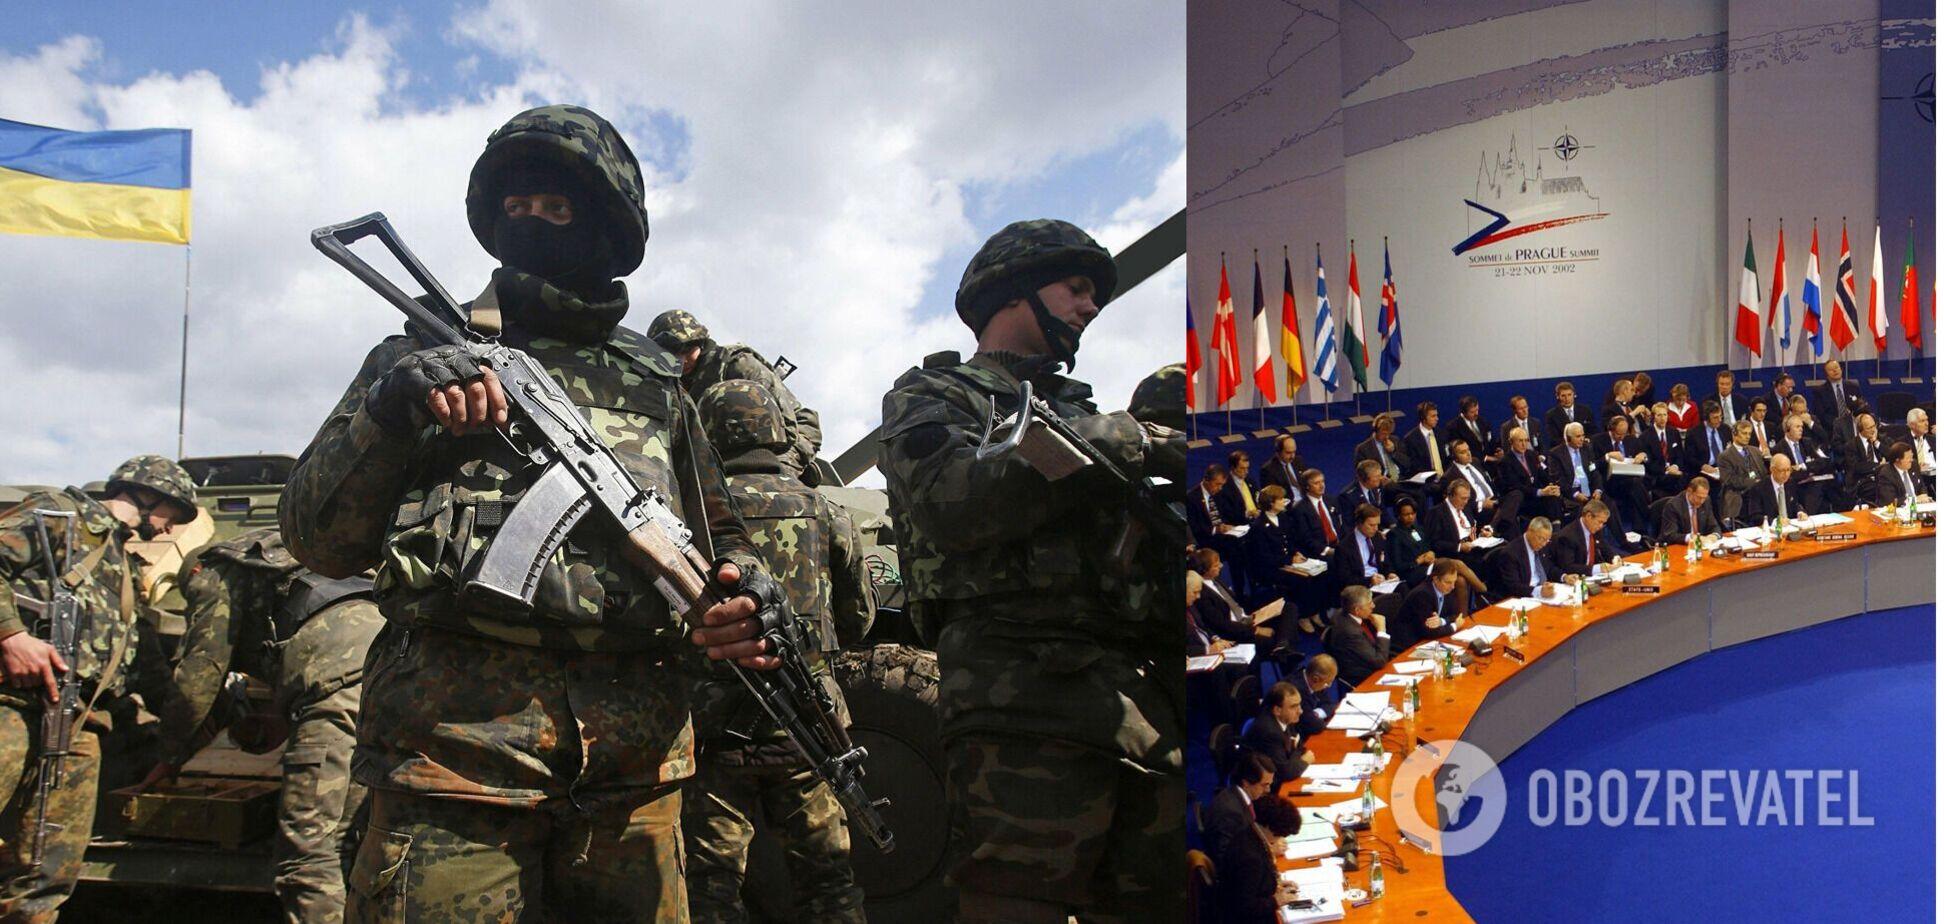 Посол України в Німеччині: чекаємо на виконання обіцянки прийняти її в НАТО та зброї від Німеччини